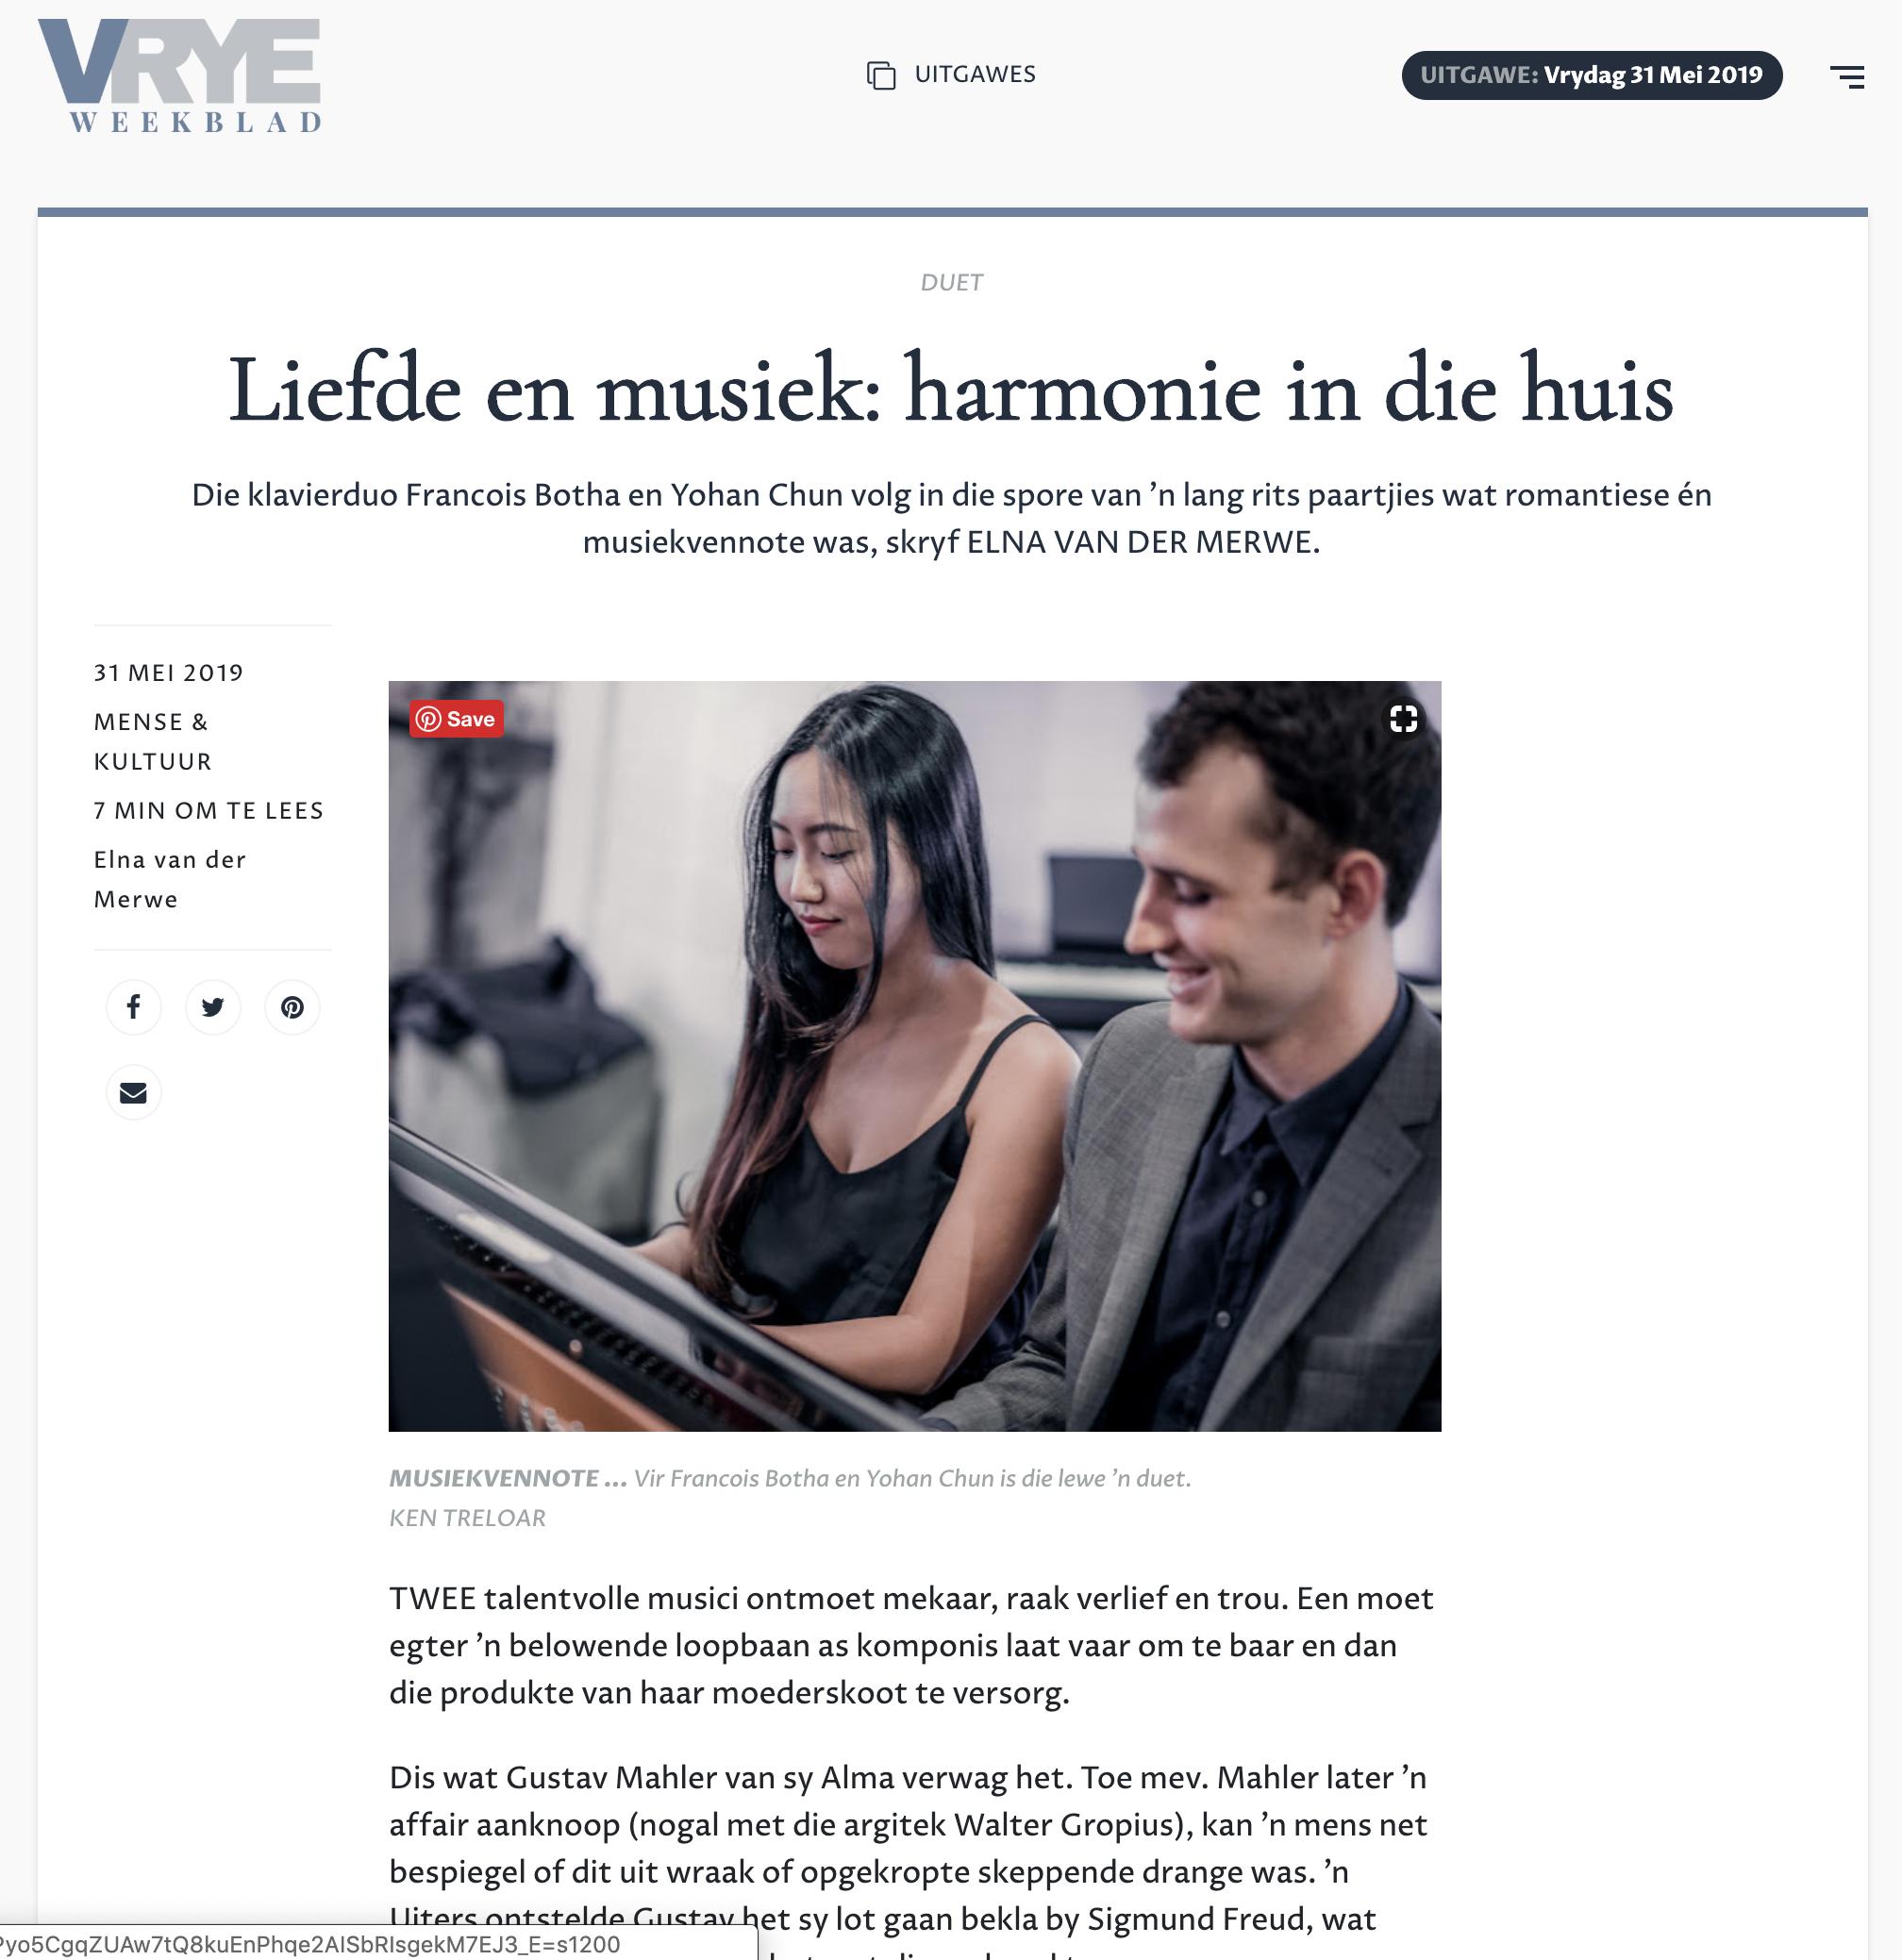 Liefde en musiek - harmonie in die huis - Yohan Chun en Francois Botha - photos by Ken Treloar.png